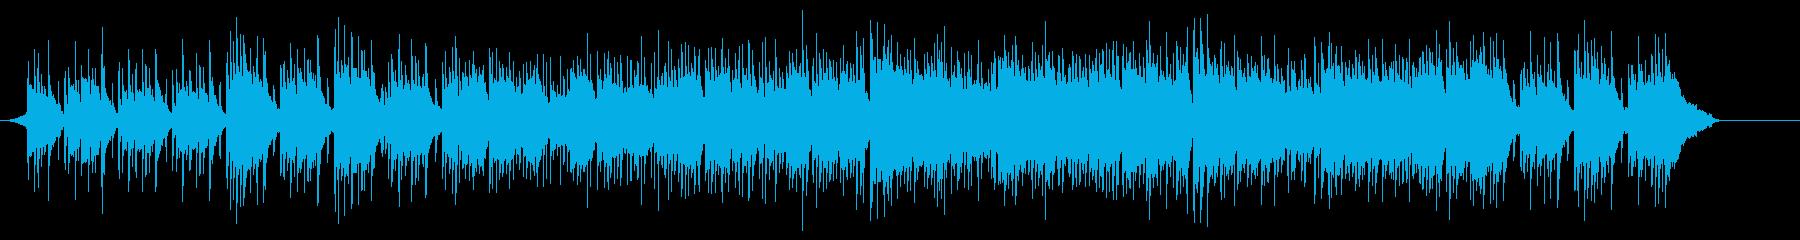 スタイリッシュなポップスの再生済みの波形